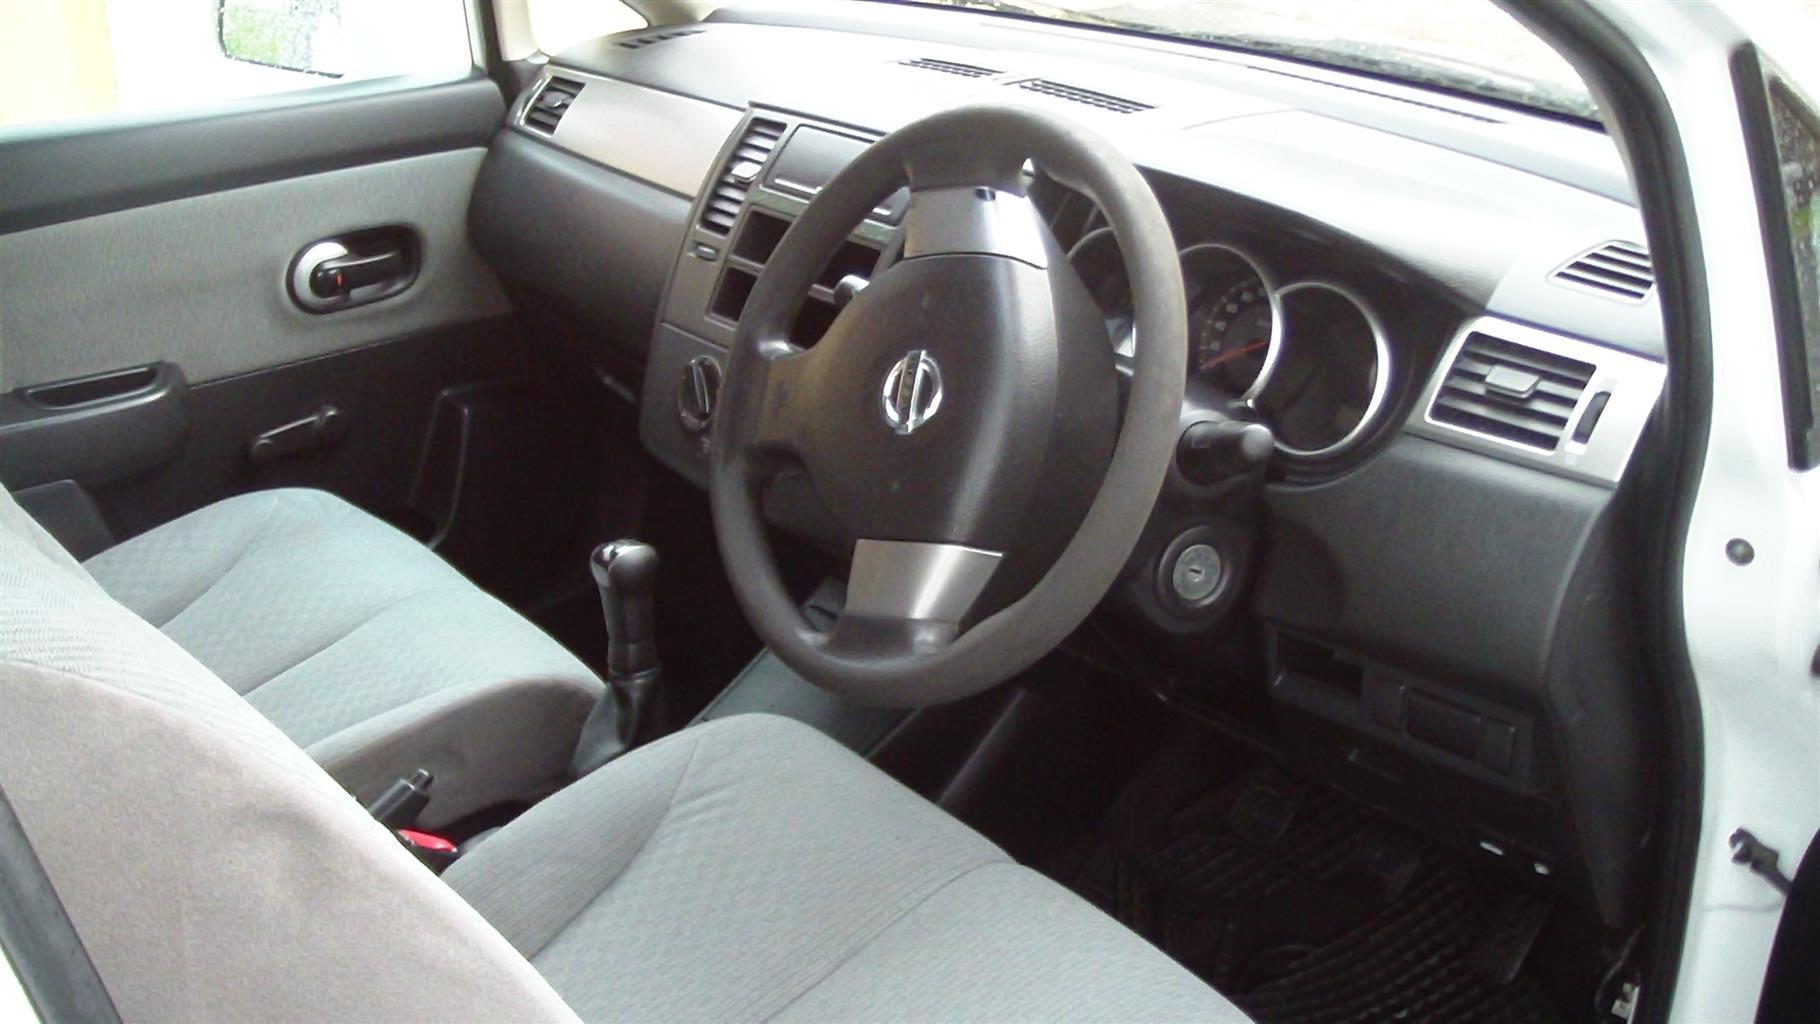 2007 Nissan Tiida sedan 1.6 Visia